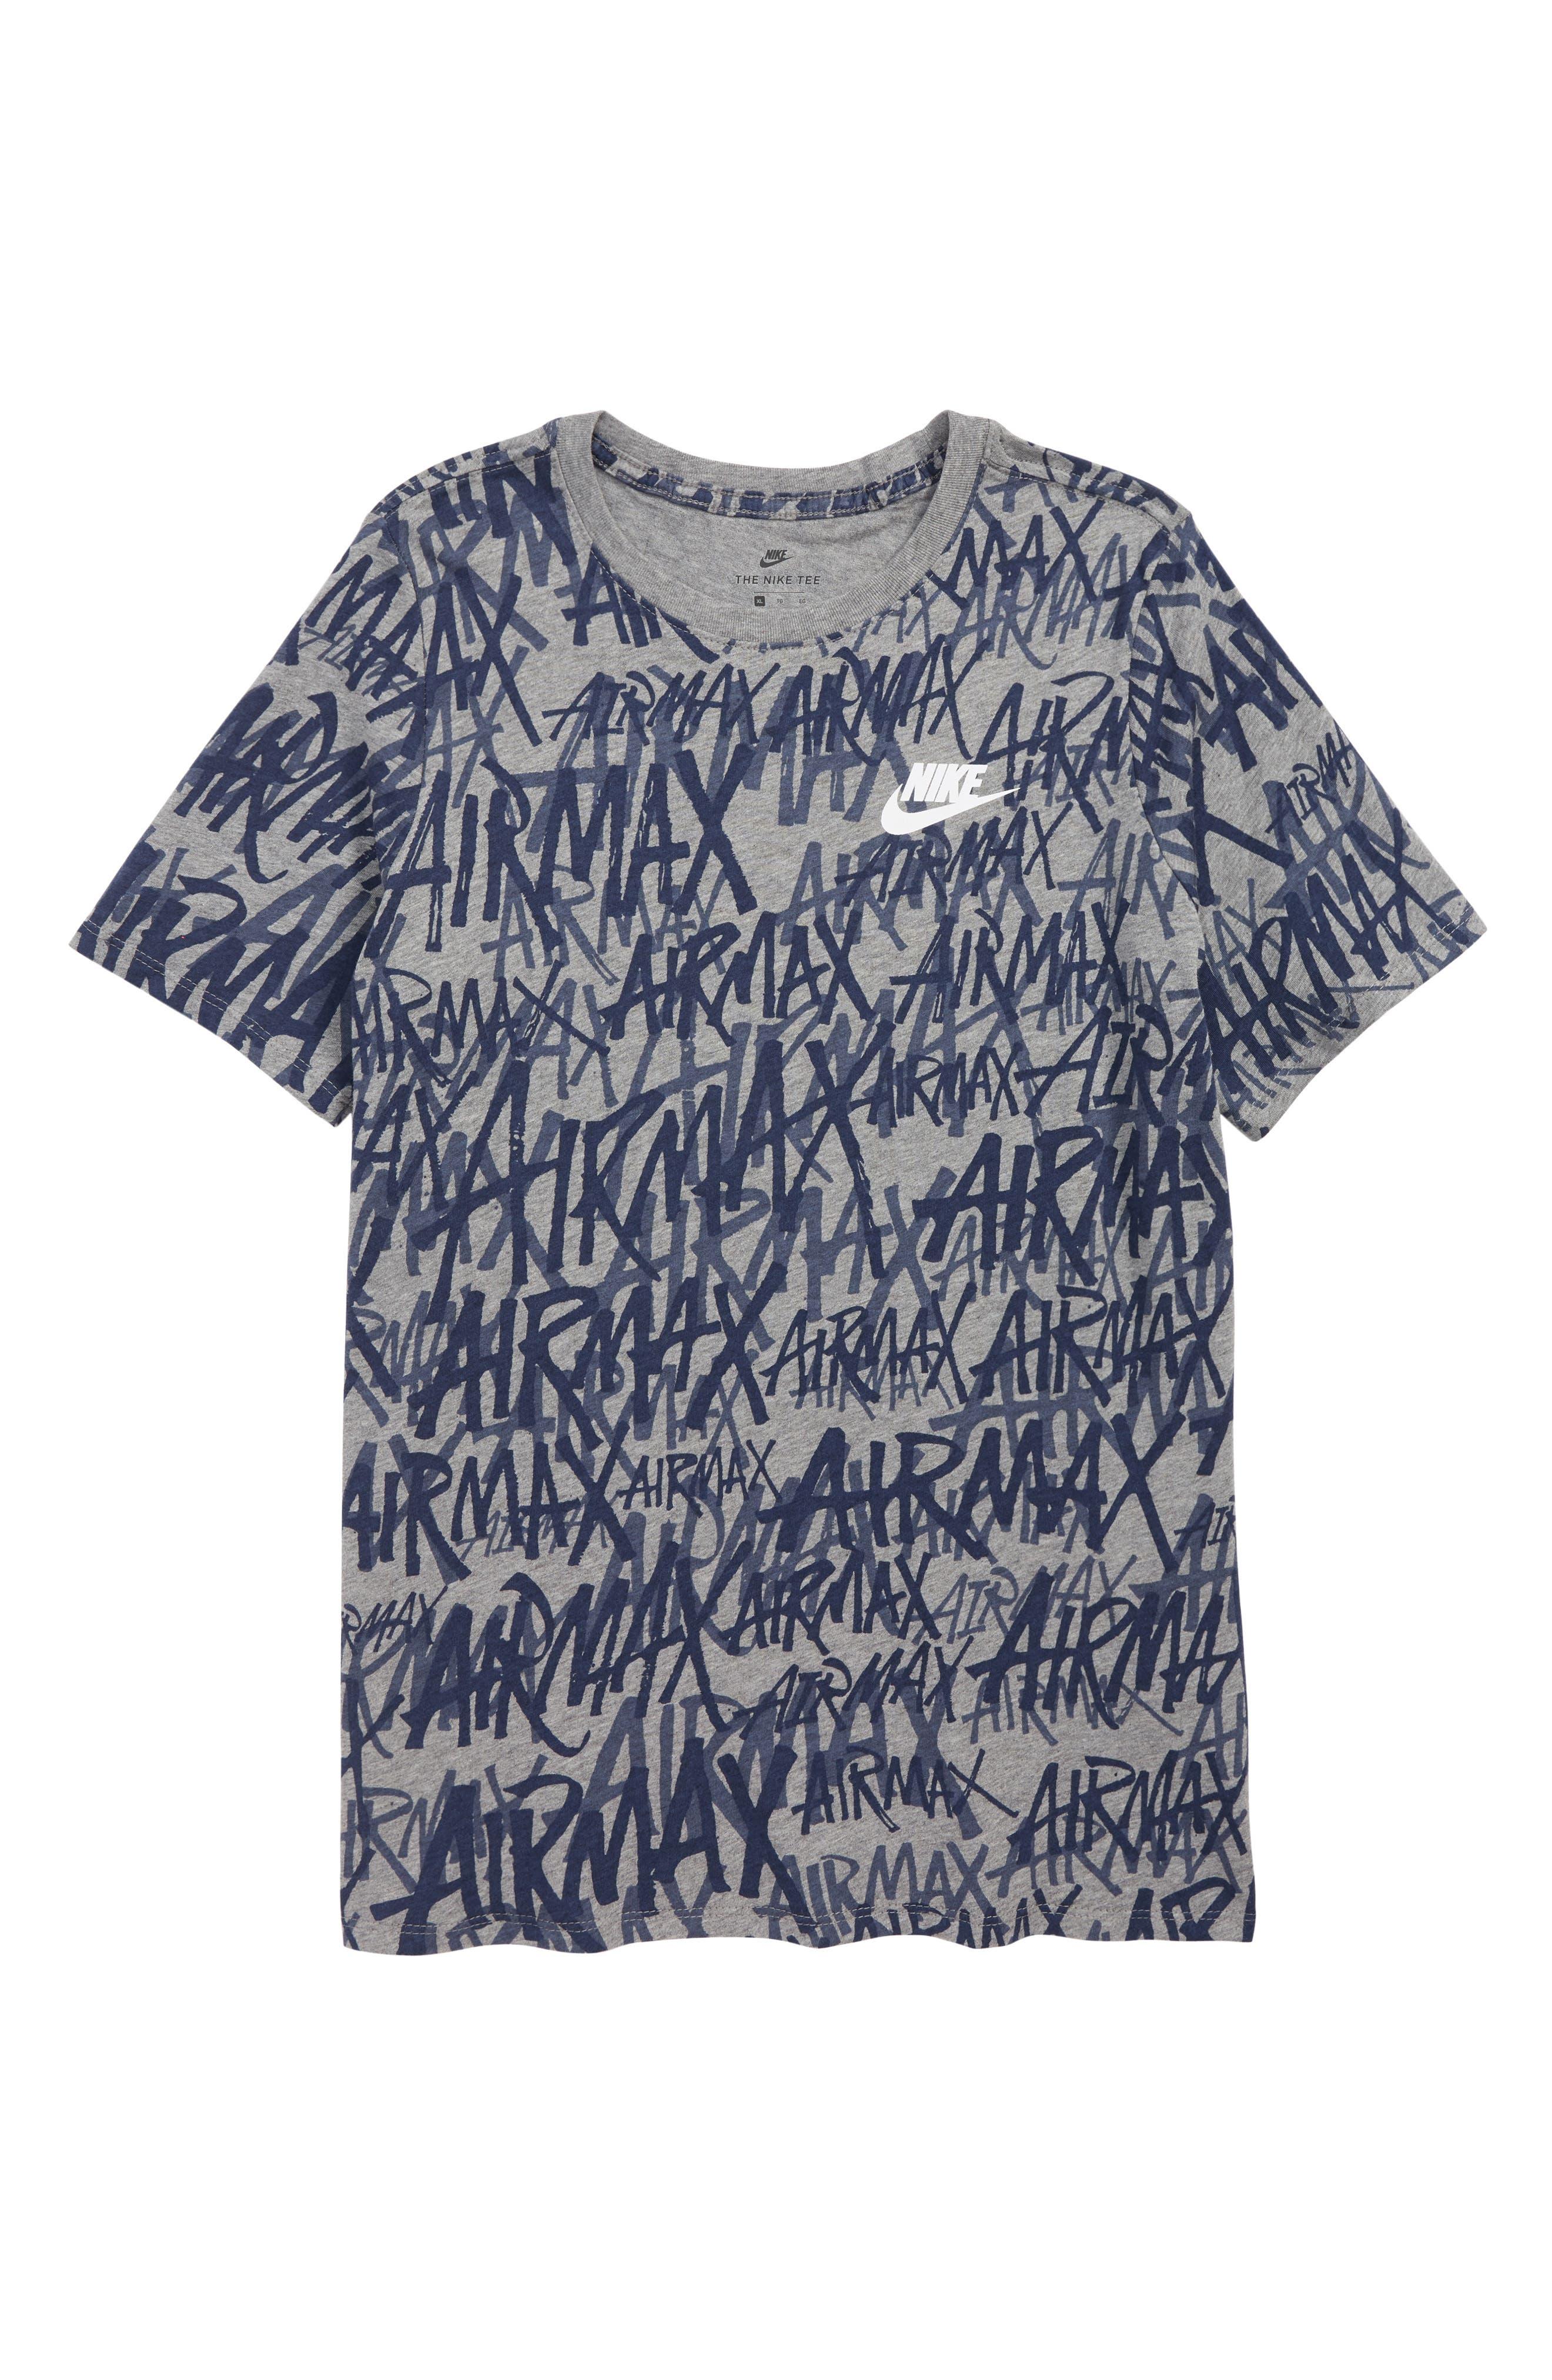 Sportswear Air Max Logo T-Shirt,                         Main,                         color, CARBON HEATHER/ OBSIDIAN